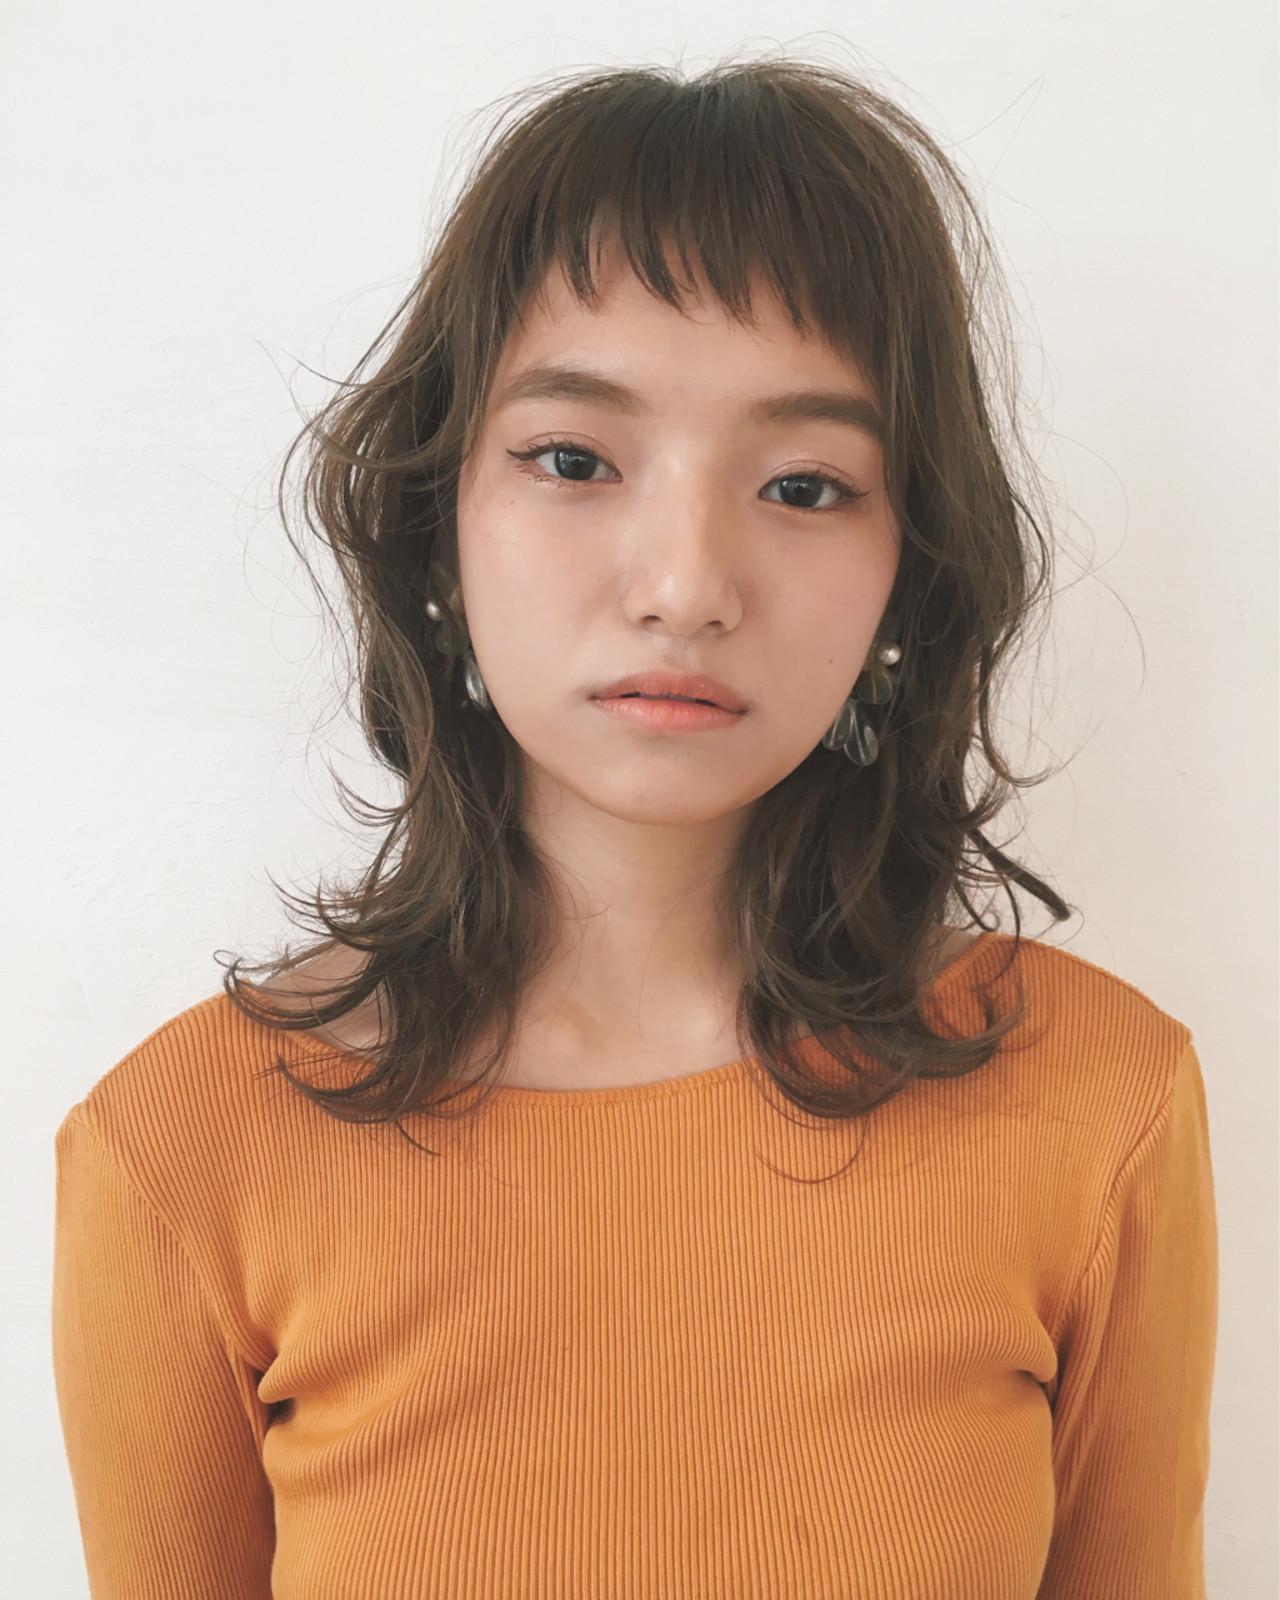 パーマ 斜め前髪 色気 ナチュラル ヘアスタイルや髪型の写真・画像